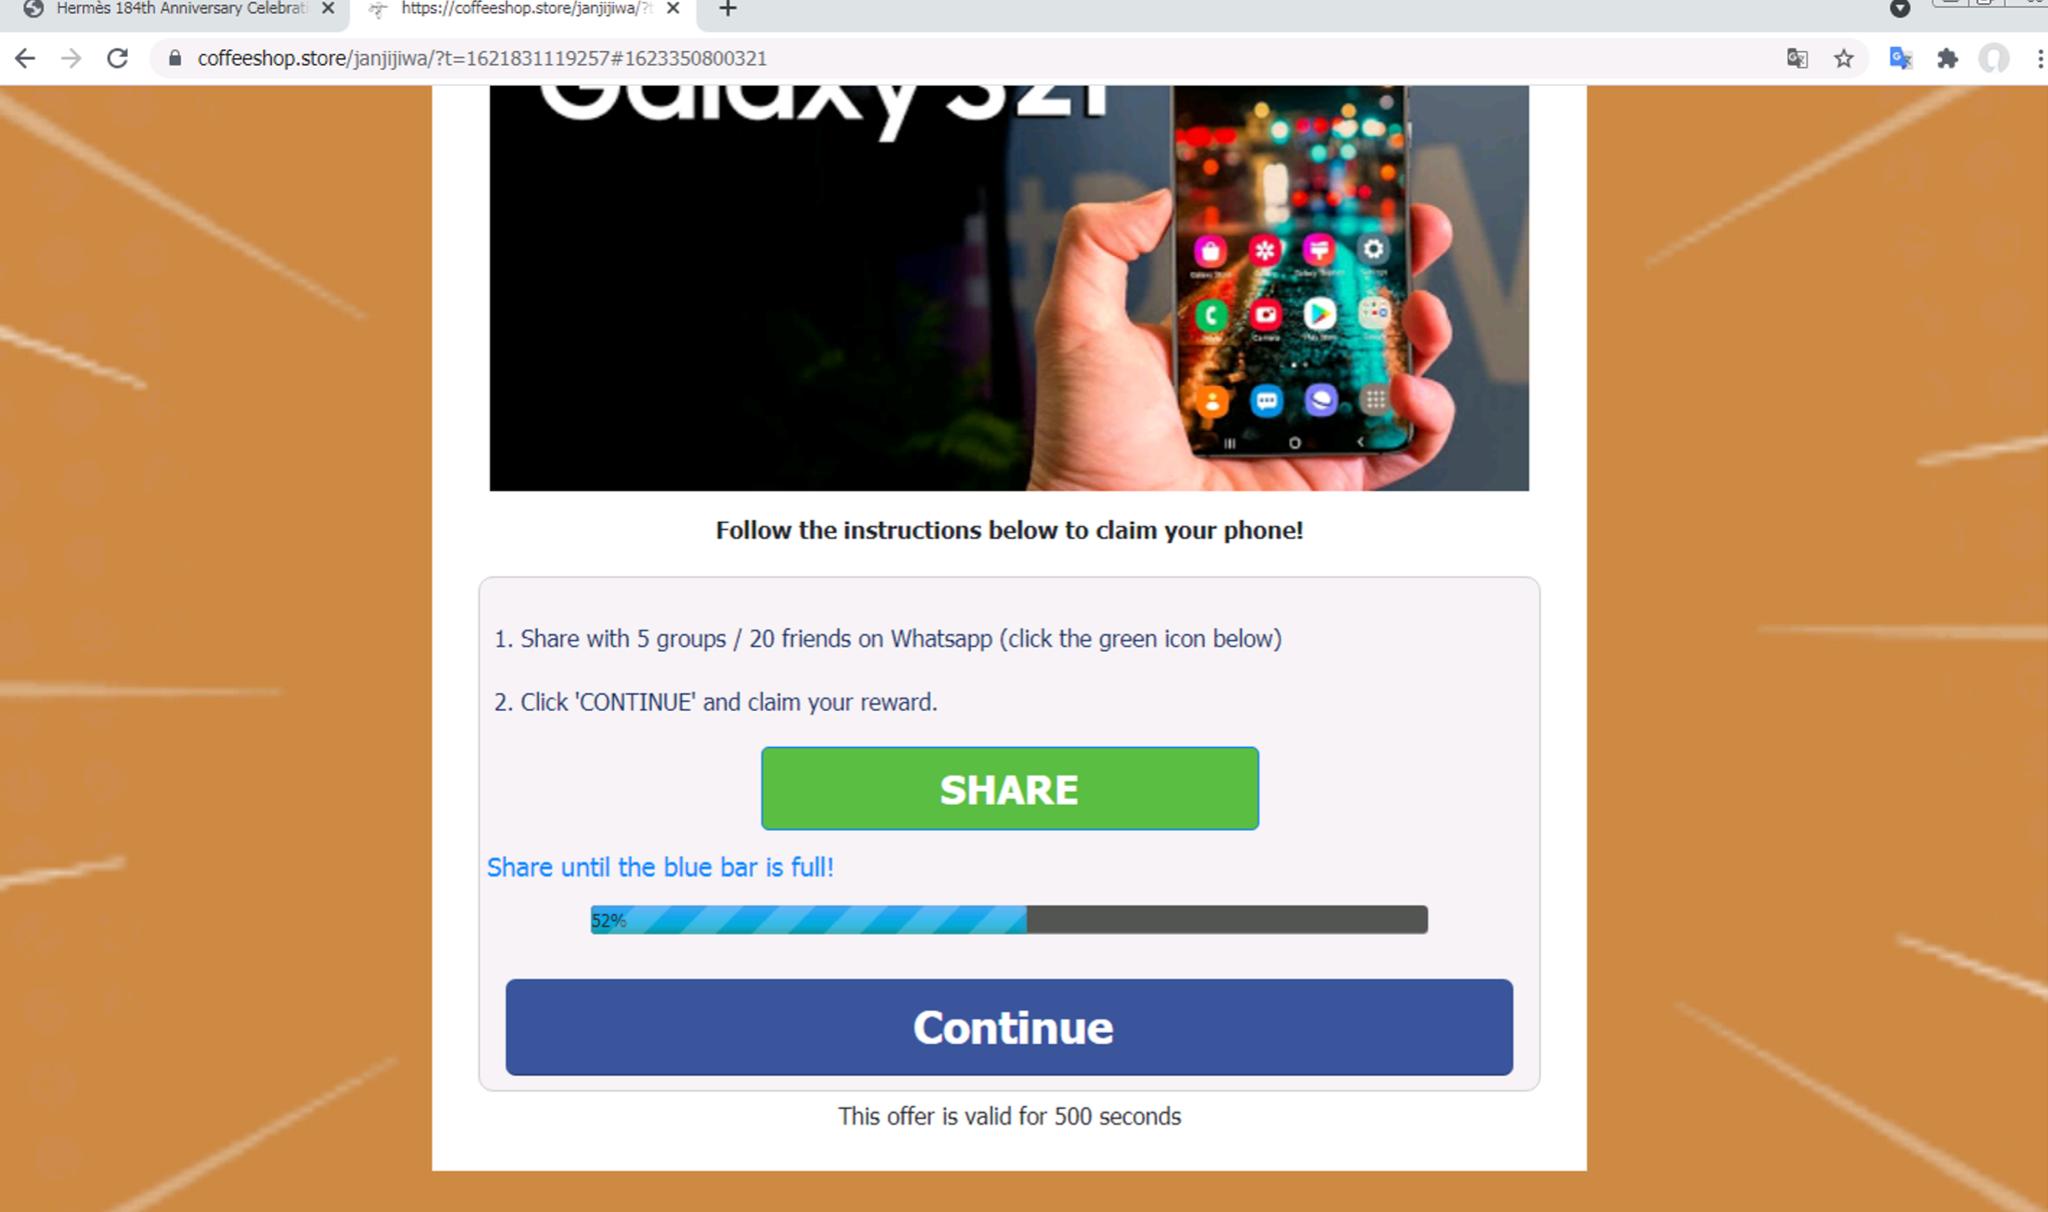 詐欺ページの被害者がページの指示に従ってWhatsAppで共有すると、ページに表示されている青いバーが右に向かって大きく伸びます。